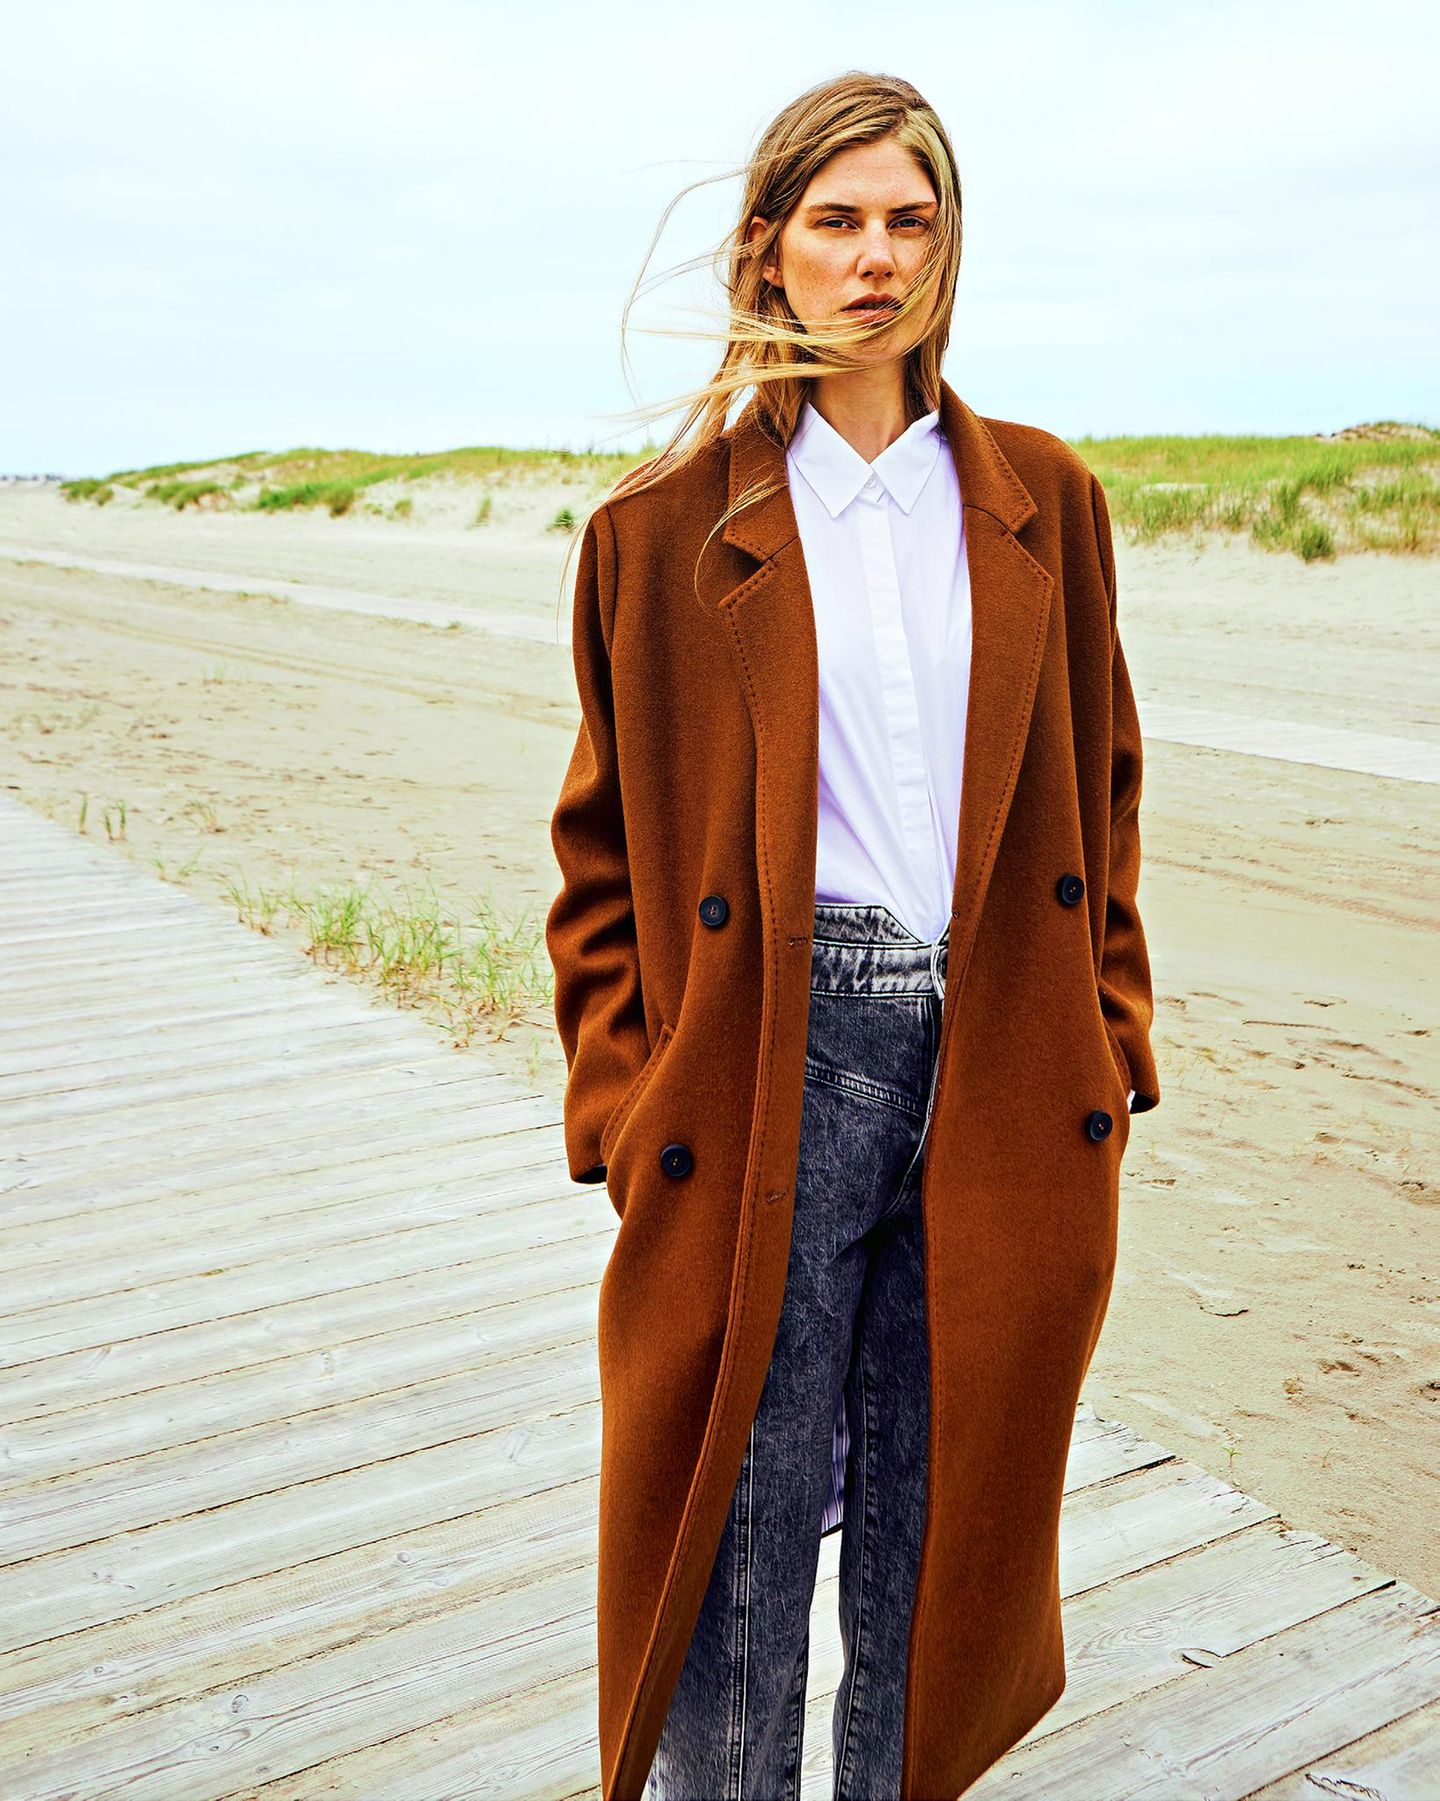 Camel Coat: Diese Modelle tragen wir 2019: Mantel über weißer Bluse und Jeans